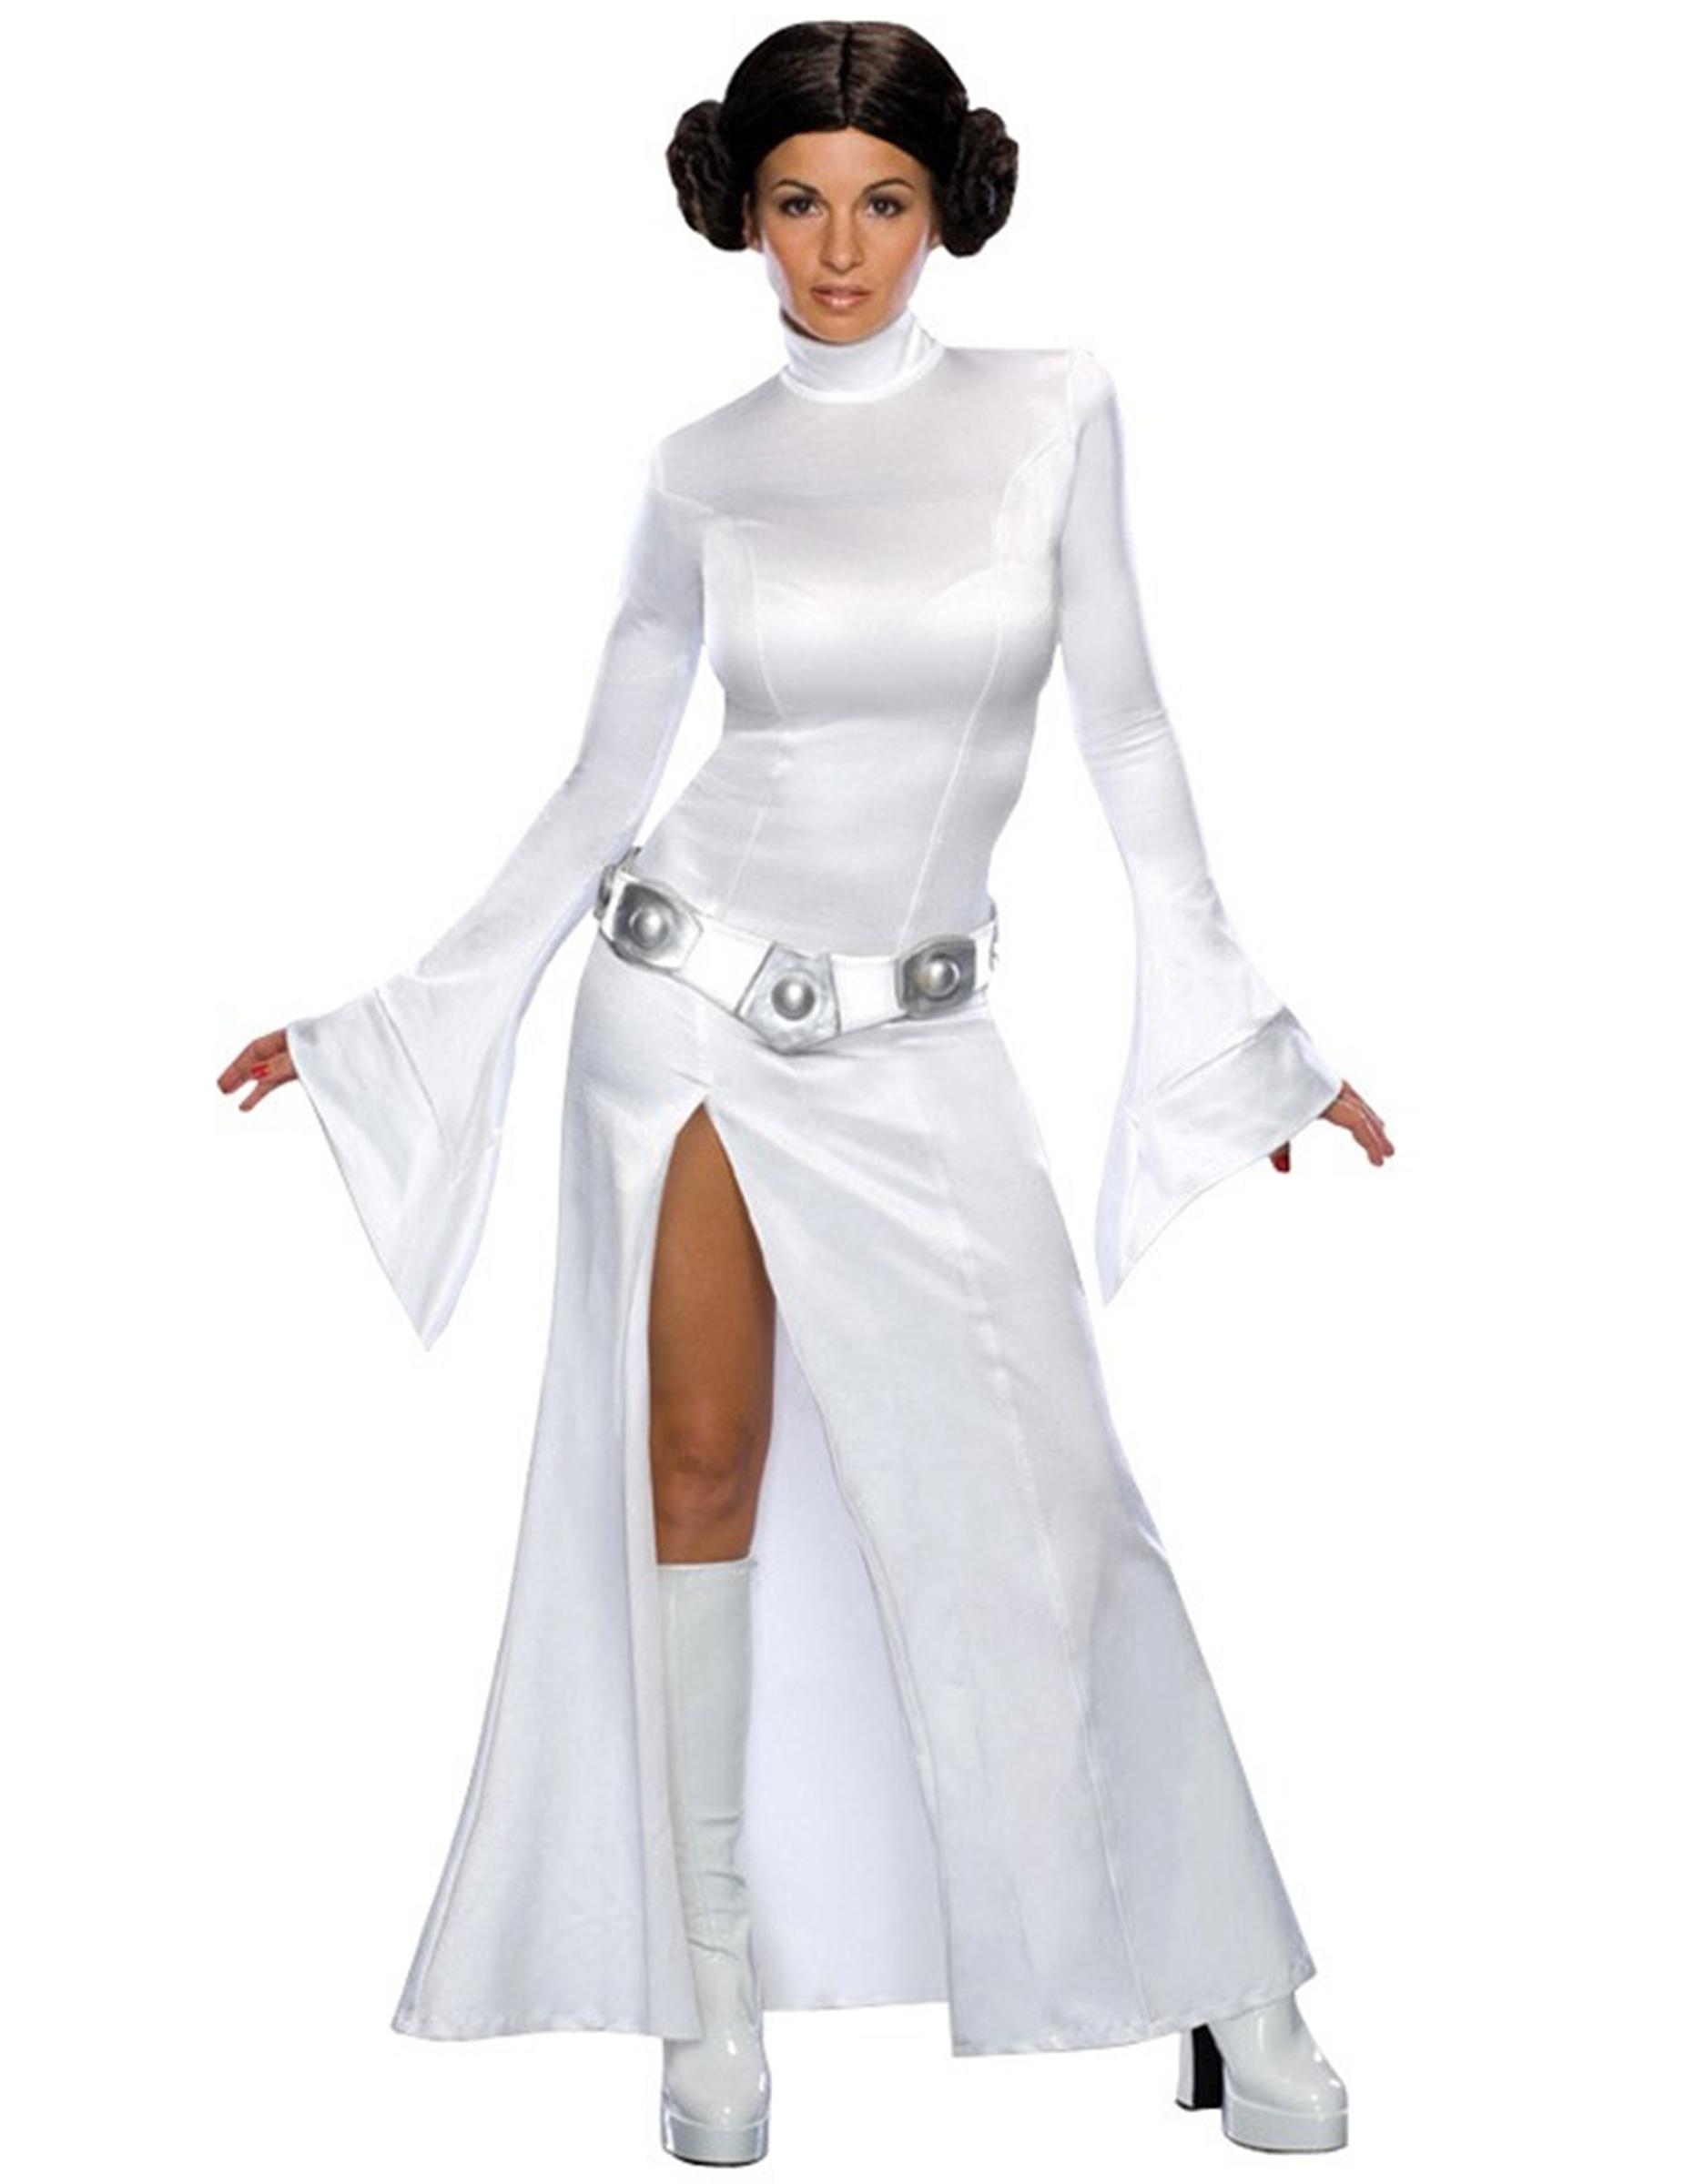 Disfarce Sexy De Princesa Leia Star Wars Disfarces Adultos Mascarilhas E Fatos De Carnaval Vegaoo